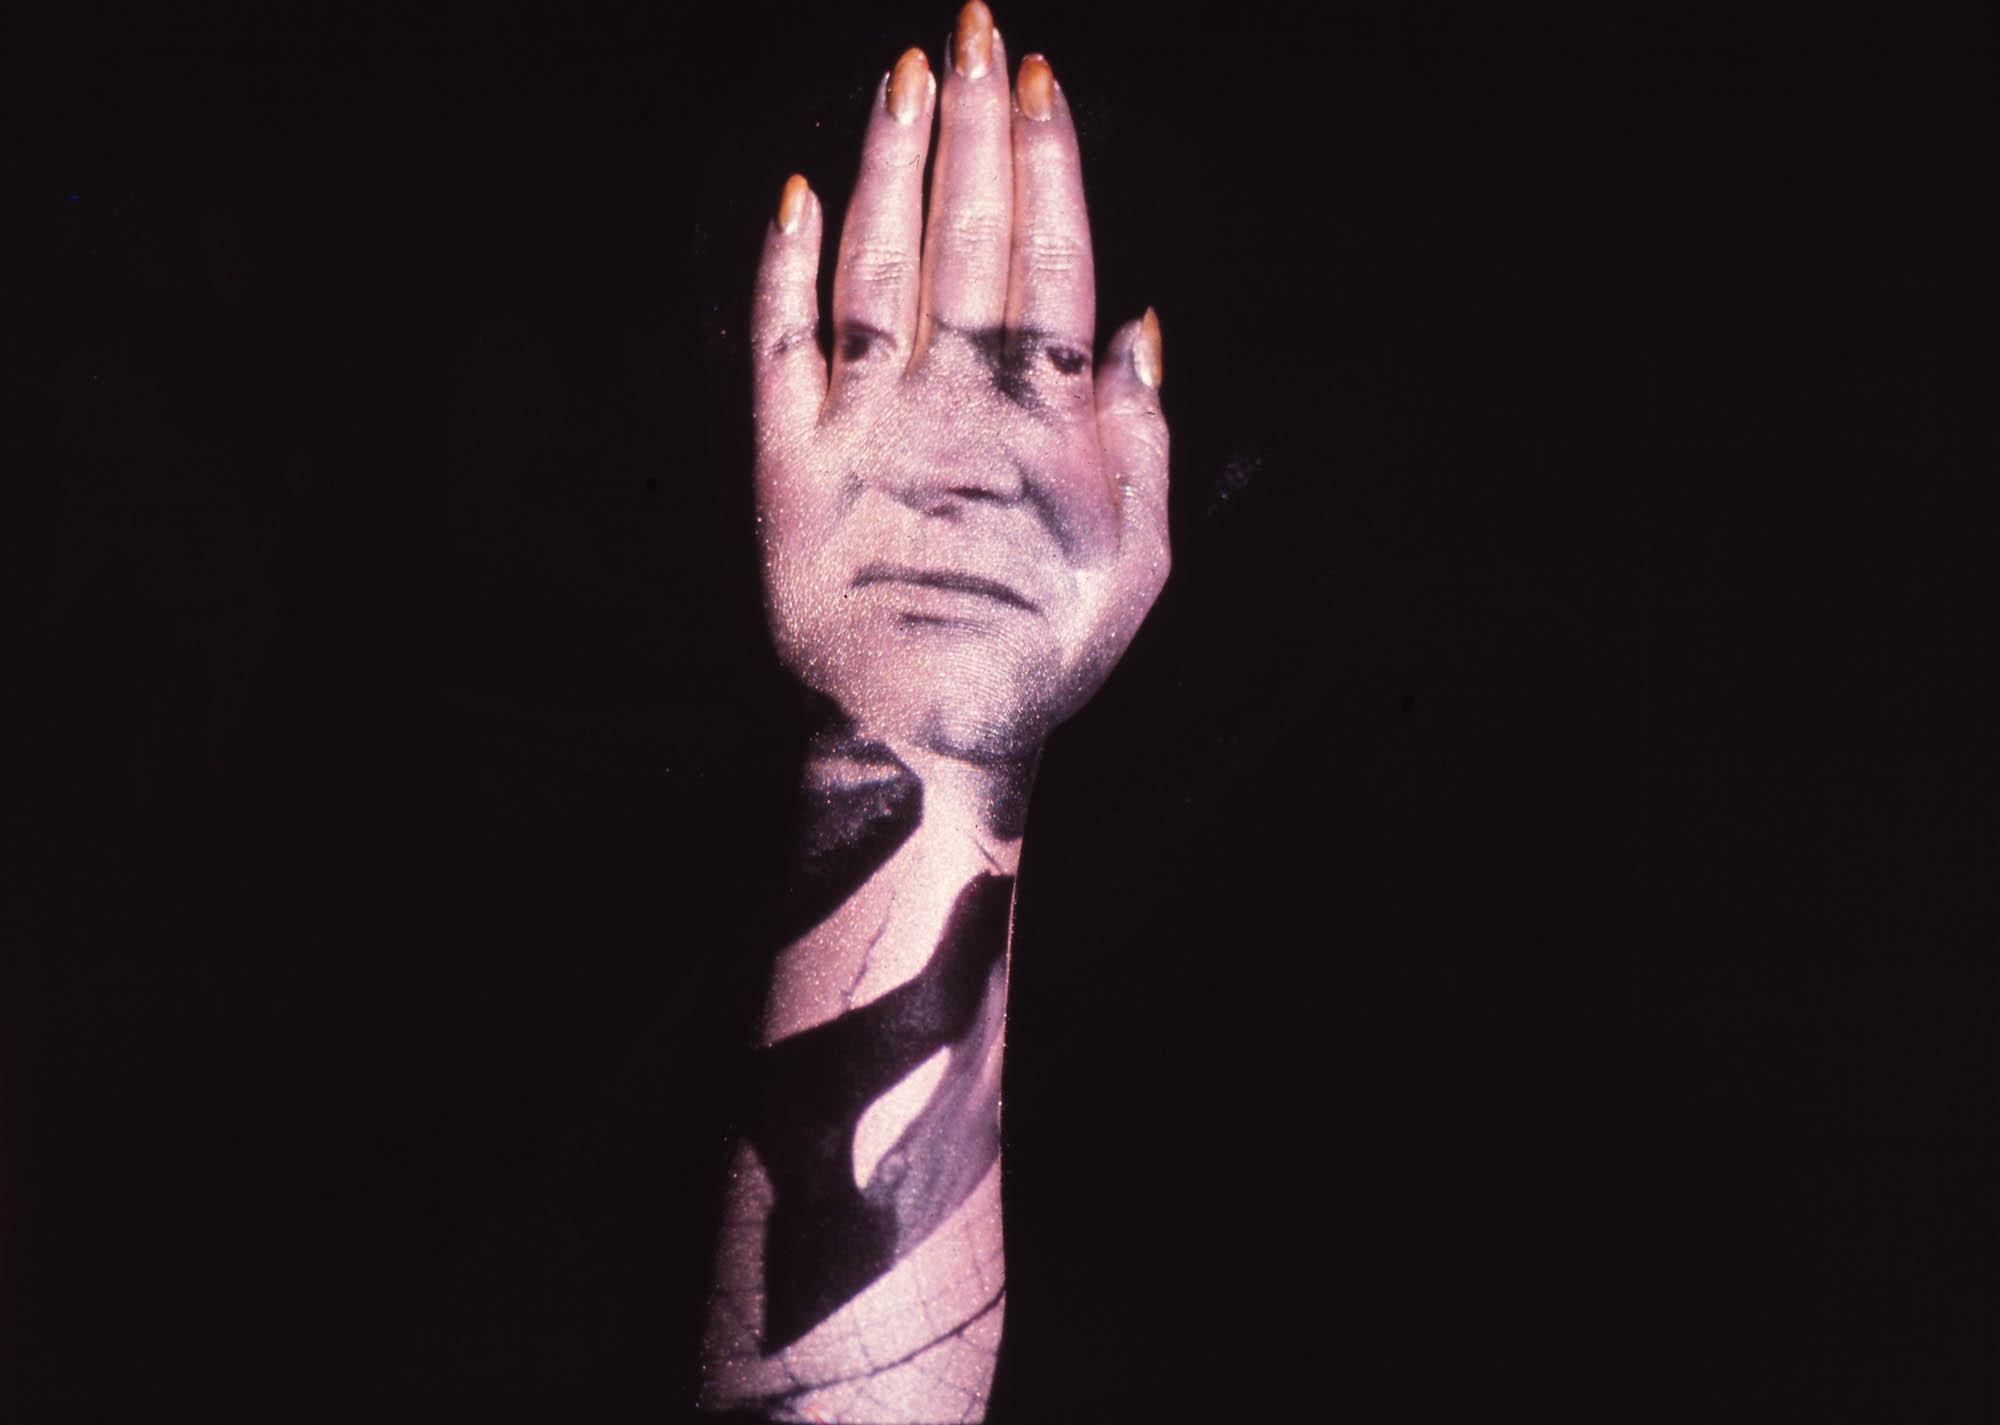 Goldfinger Hand